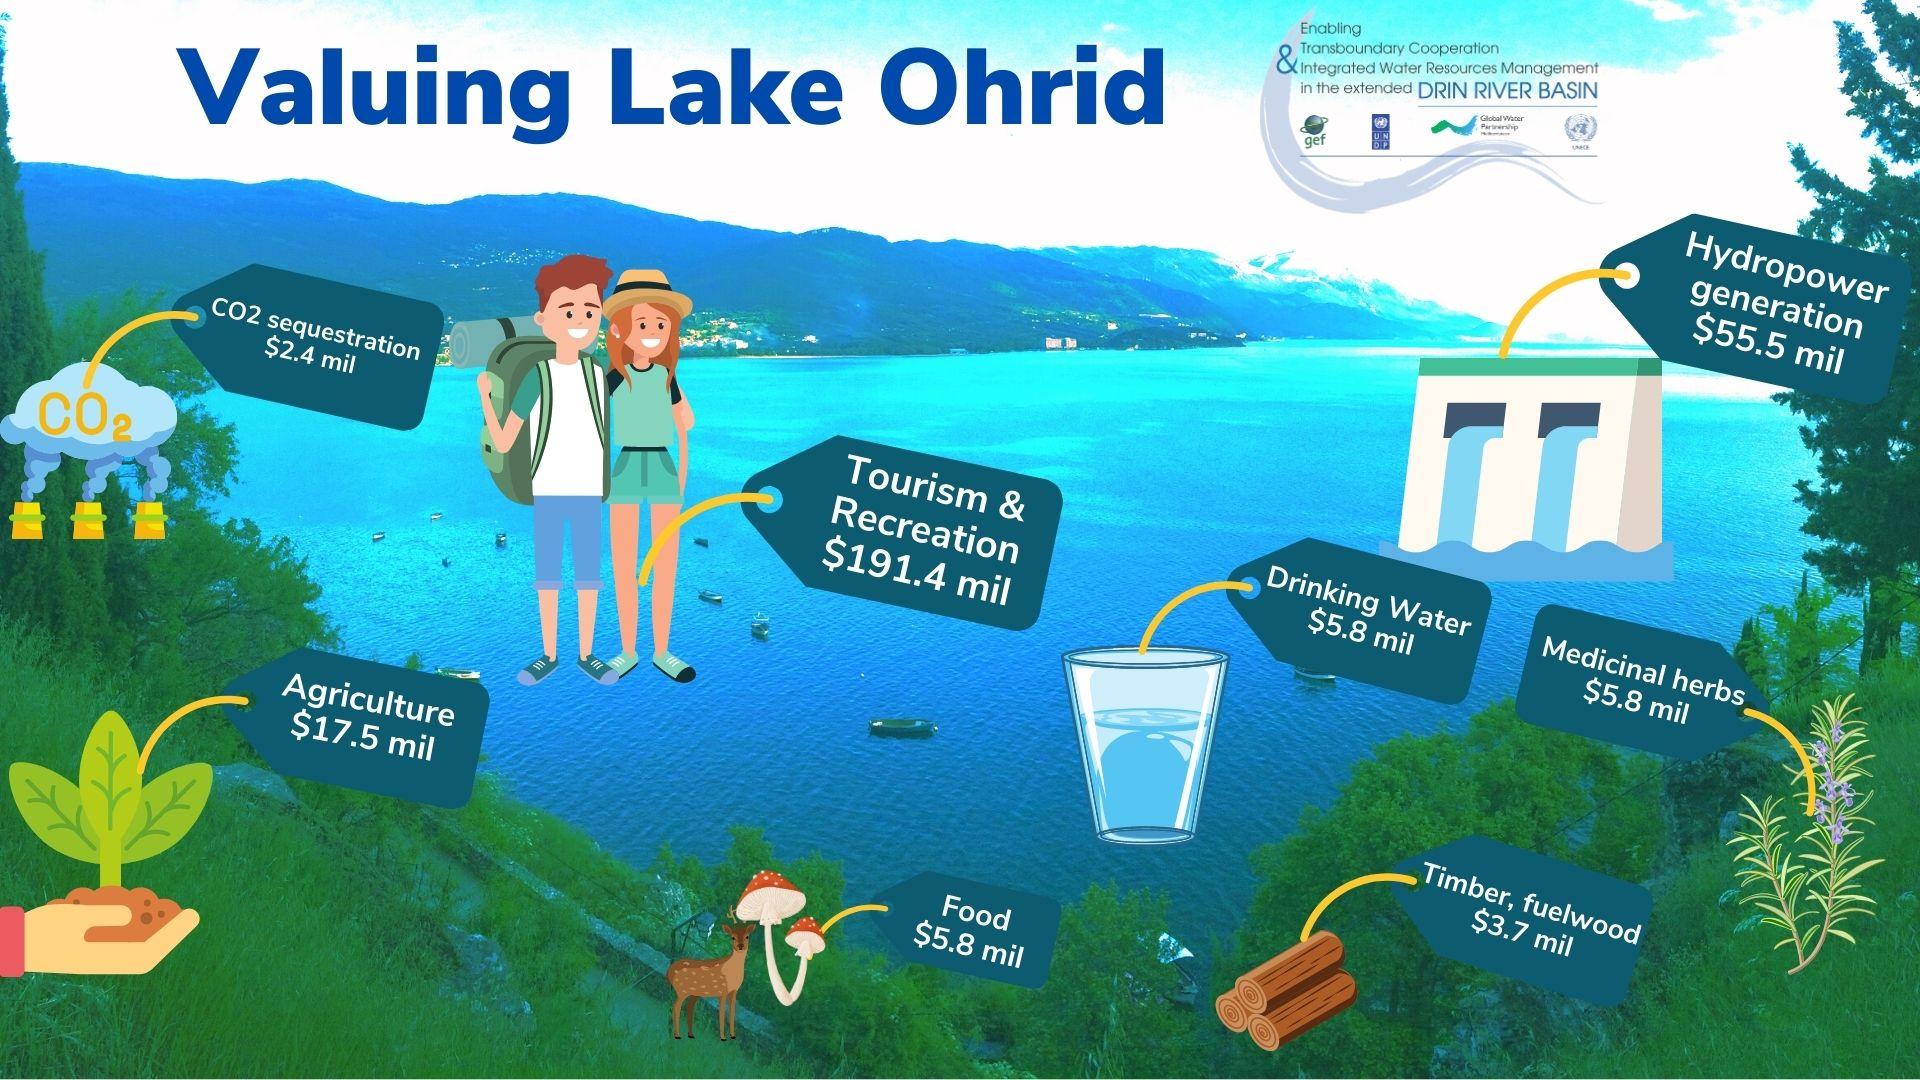 Valuing Lake Ohrid